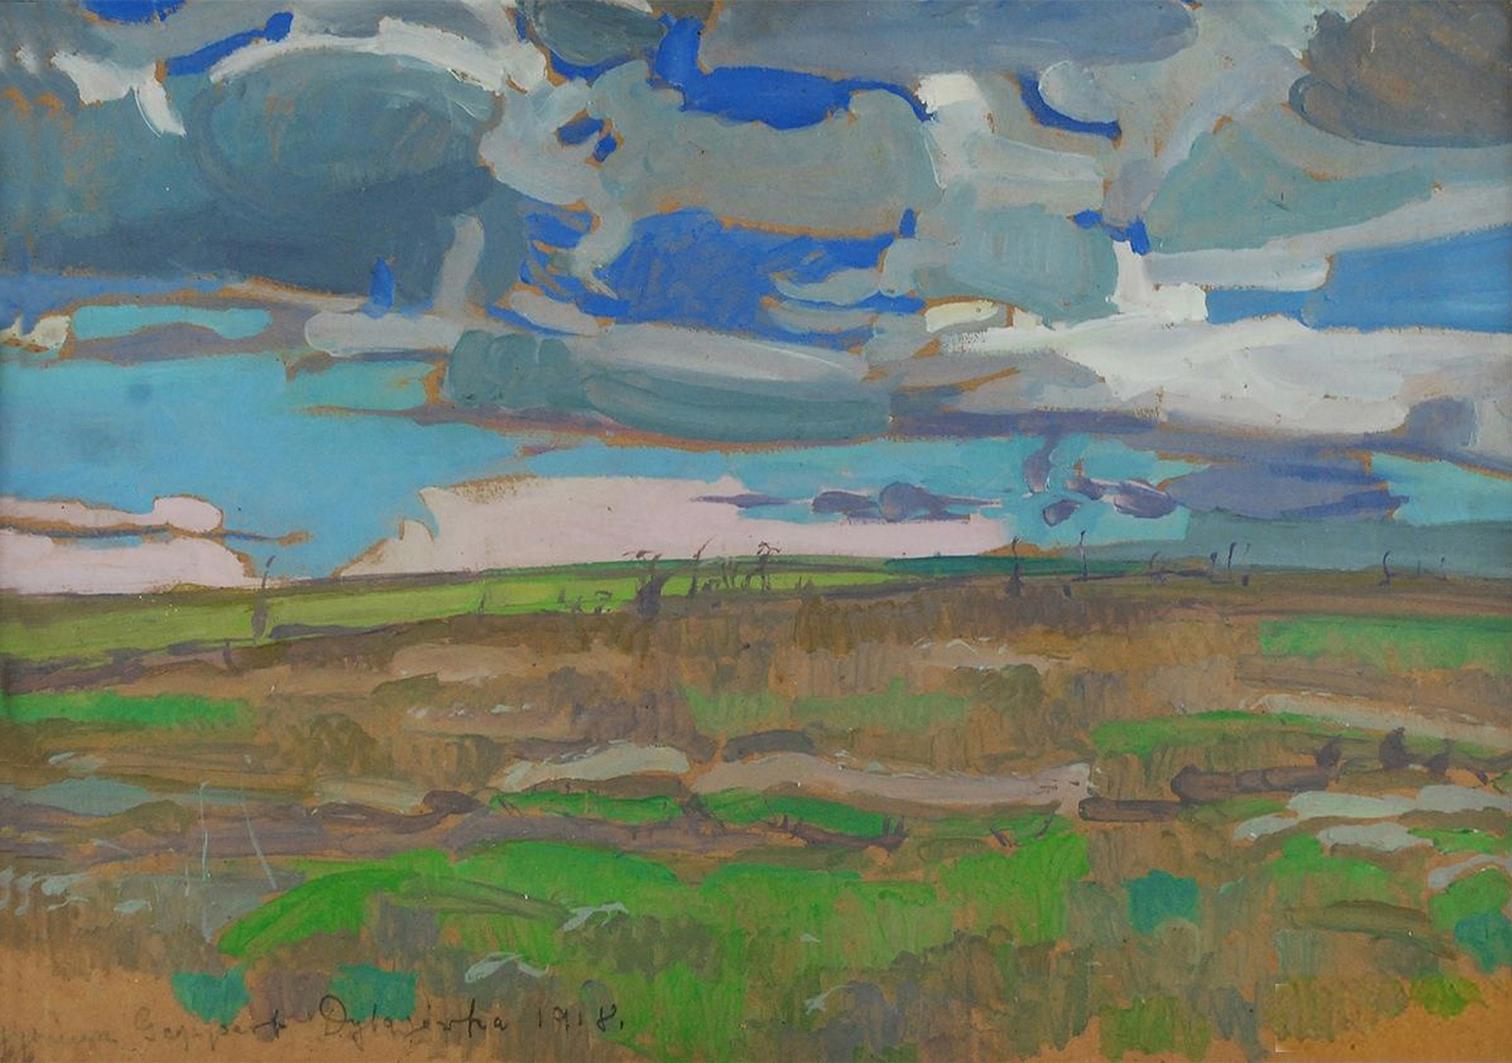 Євген Гепперт. Пейзаж, 1918; картон, олія